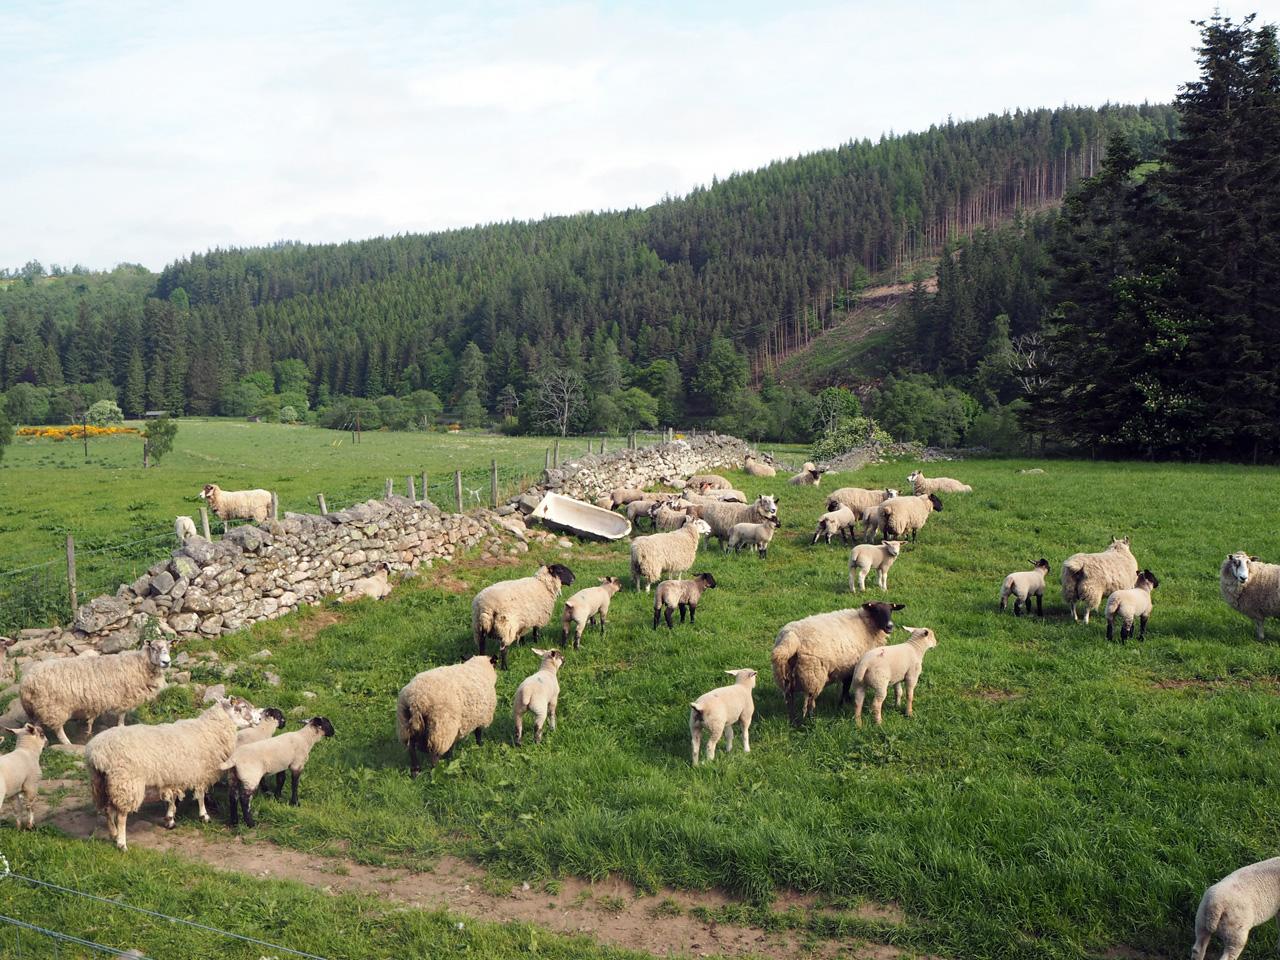 schapenwei met nog deels een oude gestapelde afrastering